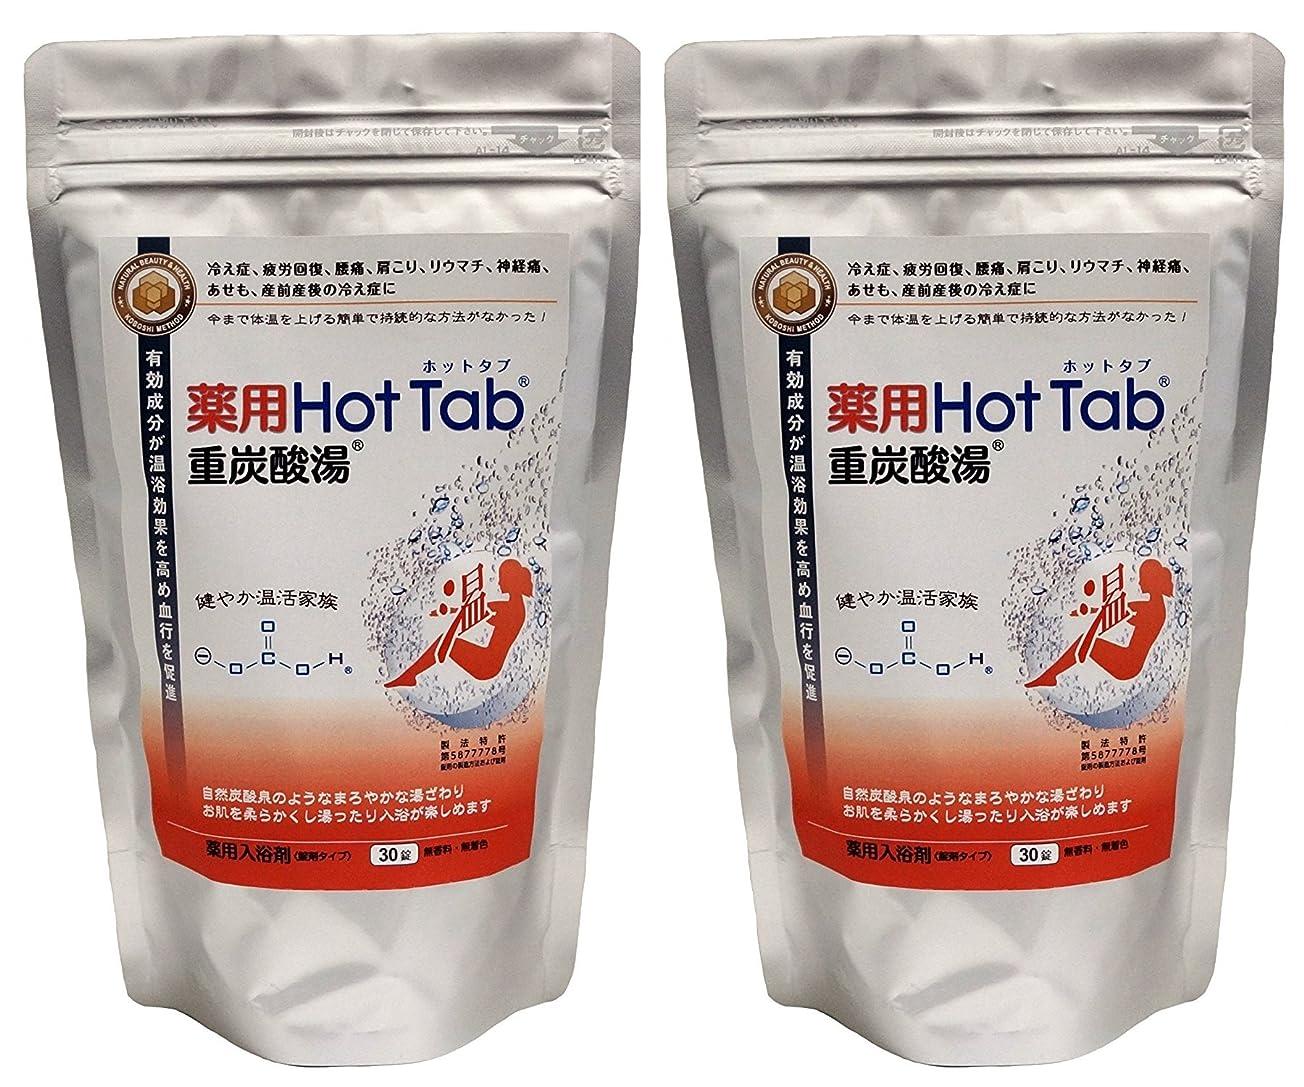 隔離するモロニックペレット薬用HotTab重炭酸湯30錠入り×2セット